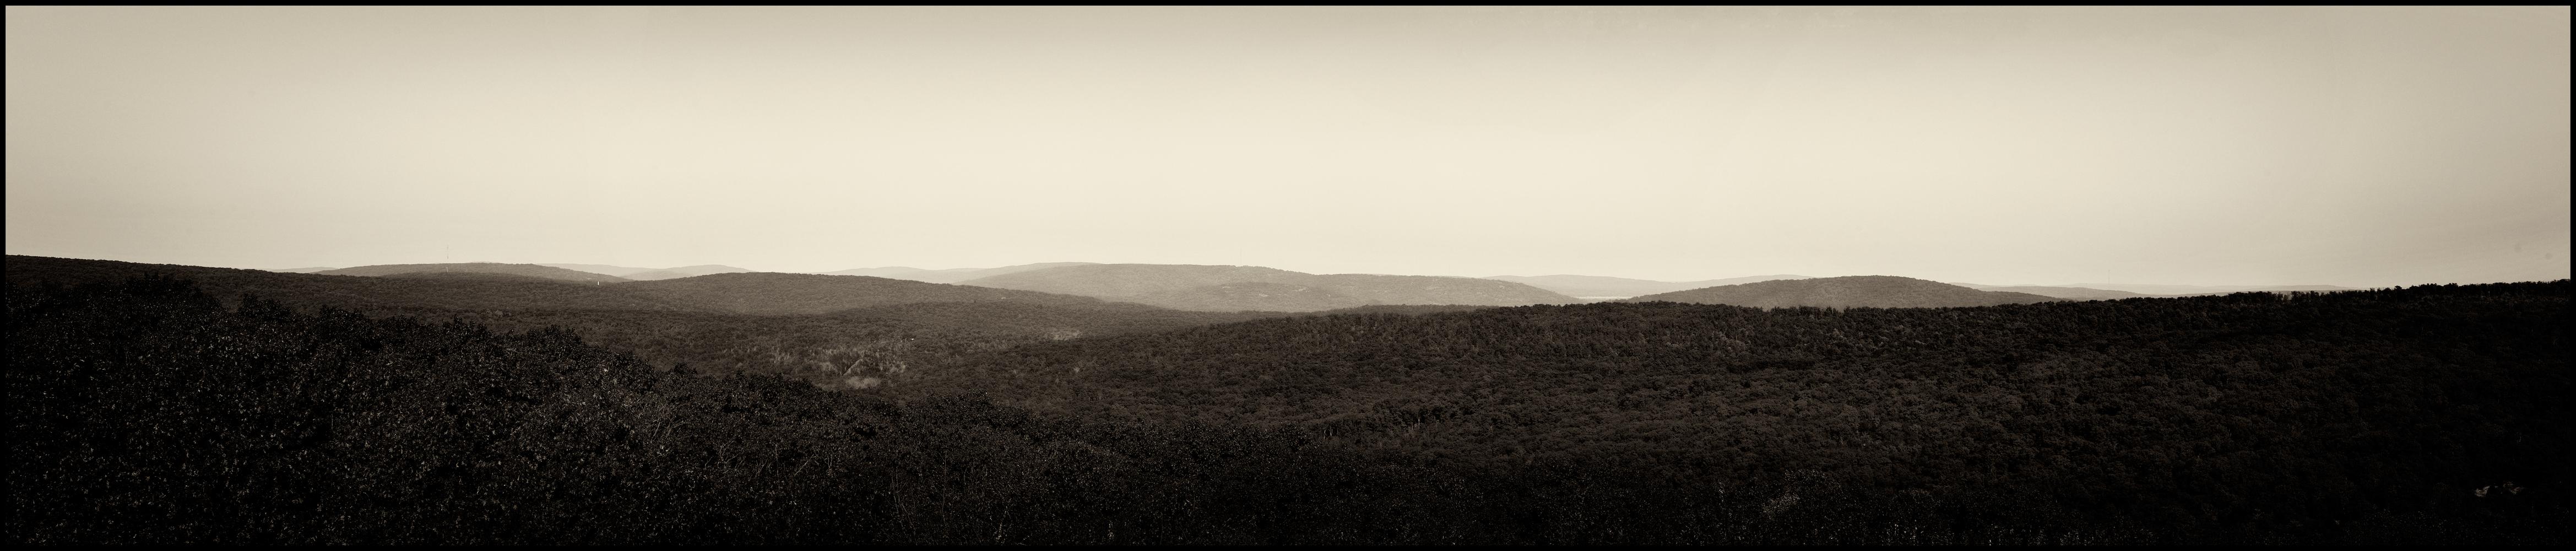 Mountains of Missouri